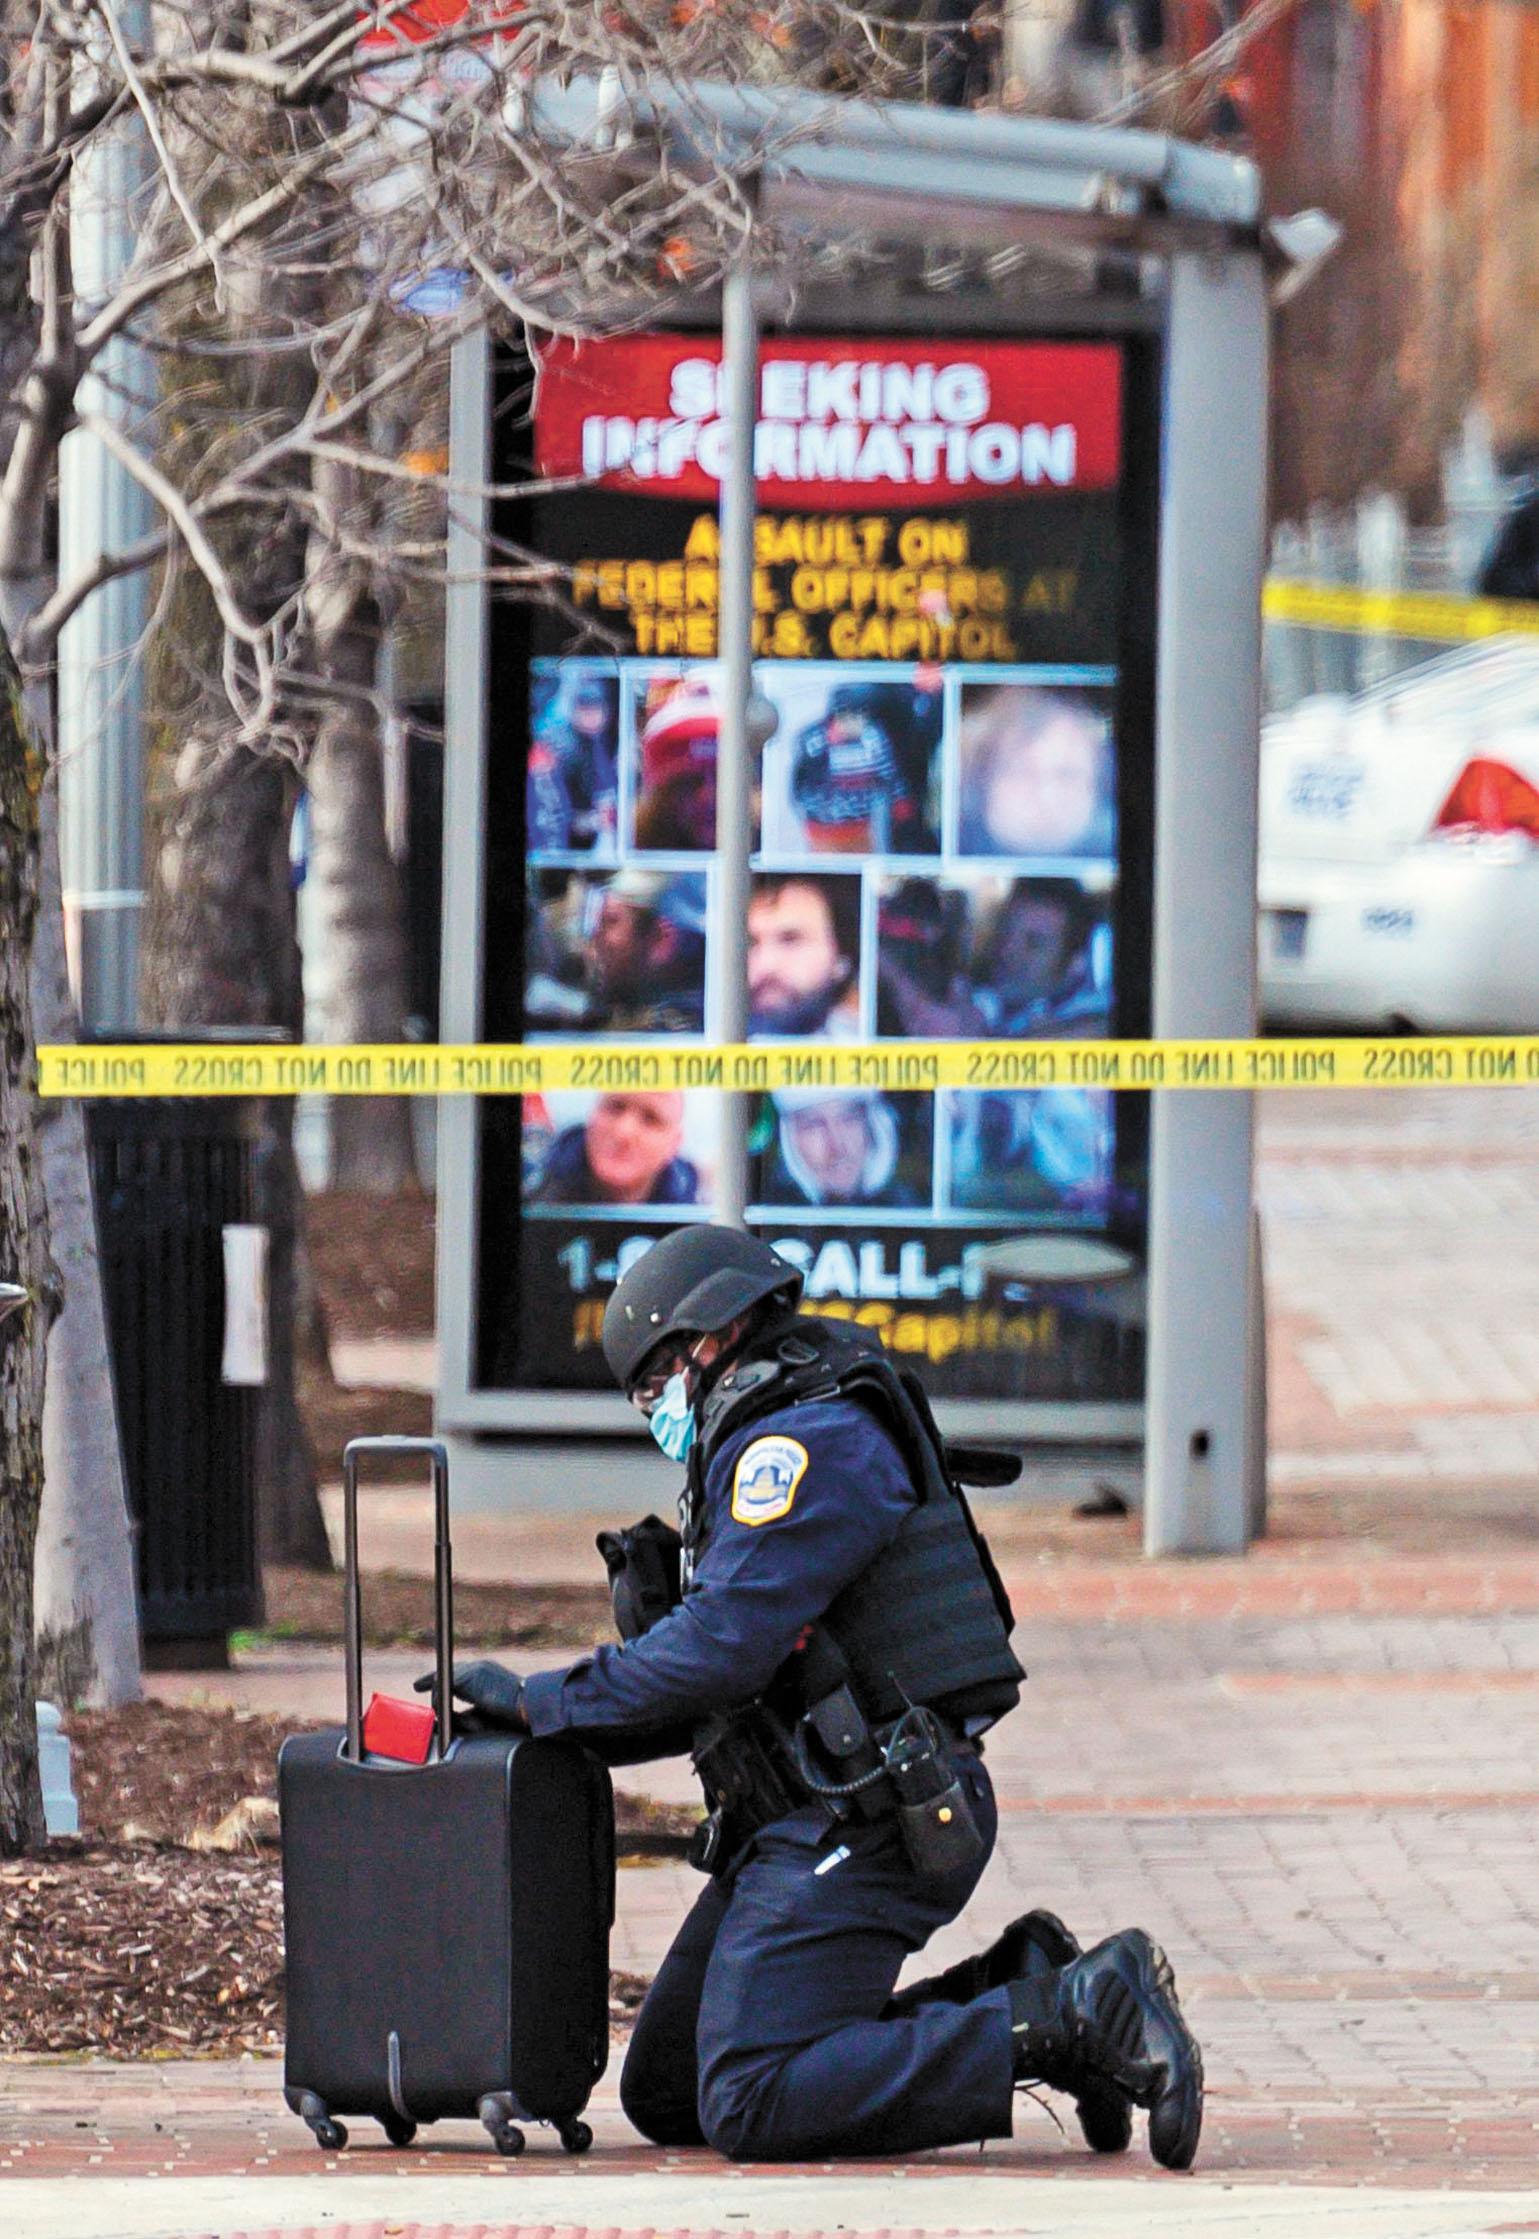 防爆小組隊員在華盛頓特區檢查可疑包裹。法新社